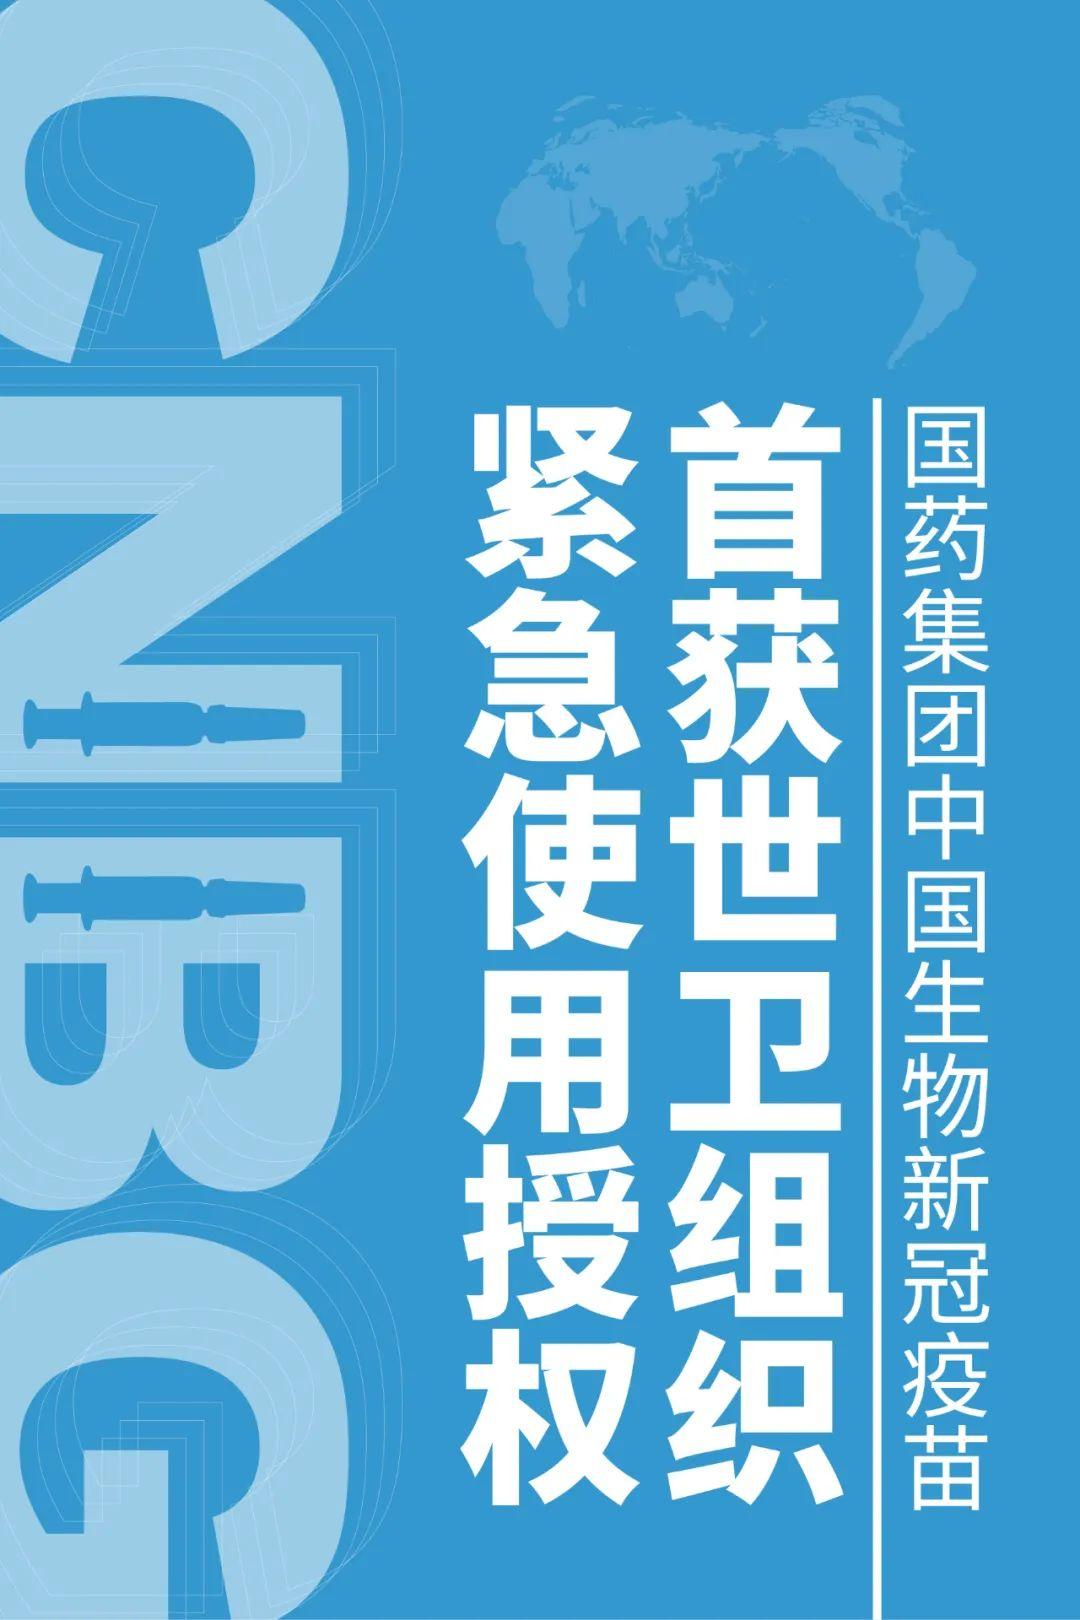 重磅!国药集团中国生物新冠疫苗获得世界卫生组织紧急使用授权